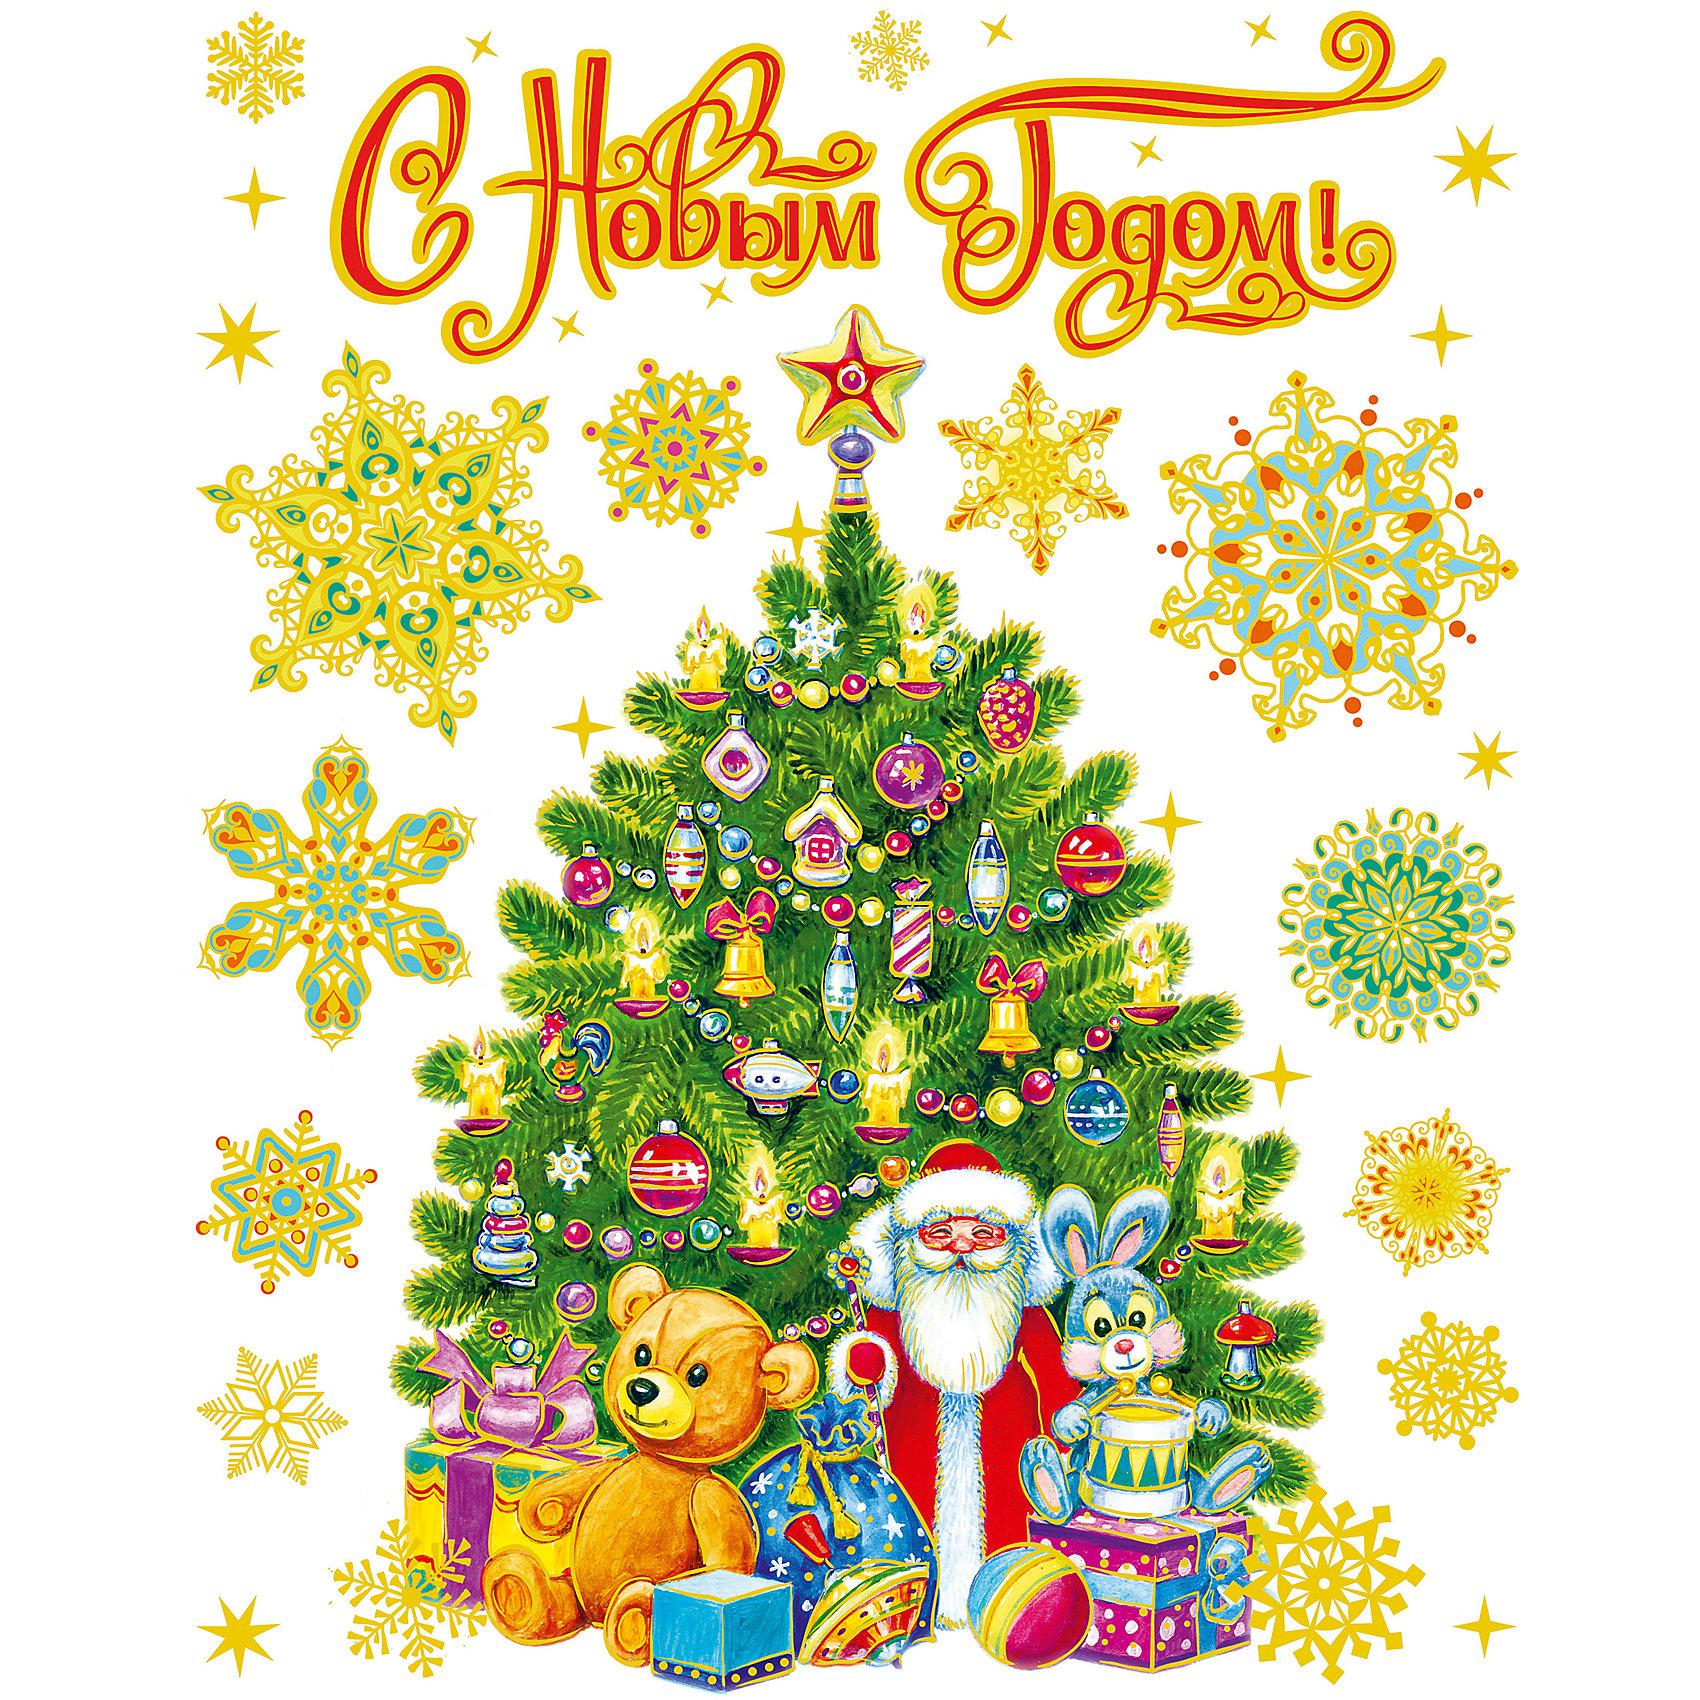 Новогодняя наклейка из ПВХ, 30х38см, Елка с подаркамиХарактеристики товара:<br><br>• цвет: разноцветный<br>• крепится посредством статического эффекта<br>• размер: 30х38 см<br>• комплектация: 1 лист<br>• материал: ПВХ<br>• для украшения интерьера <br>• страна производства: Китай<br><br>Украшать окна к Новому году всей семьей - традиция во многих домах. Новогодний антураж трудно представить без снежинок или наклеек на окнах! Эта красивая наклейка будет отлично смотреться в окружении любой цветовой гаммы, она качественно выполнена и нарядно смотрится благодаря глиттеру. Крепится на окна с помощью статического эффекта и не оставляет следов! С помощью такой наклейки можно оригинально декорировать квартиру к празднику.<br>Такие небольшие детали и создают праздник! От них во многом зависит хорошее новогоднее настроение. Изделие производится из качественных сертифицированных материалов, безопасных даже для самых маленьких.<br><br>Новогоднюю наклейку из ПВХ, 30х38см, Елка с подарками можно купить в нашем интернет-магазине.<br><br>Ширина мм: 420<br>Глубина мм: 300<br>Высота мм: 2<br>Вес г: 30<br>Возраст от месяцев: 72<br>Возраст до месяцев: 480<br>Пол: Унисекс<br>Возраст: Детский<br>SKU: 5051674